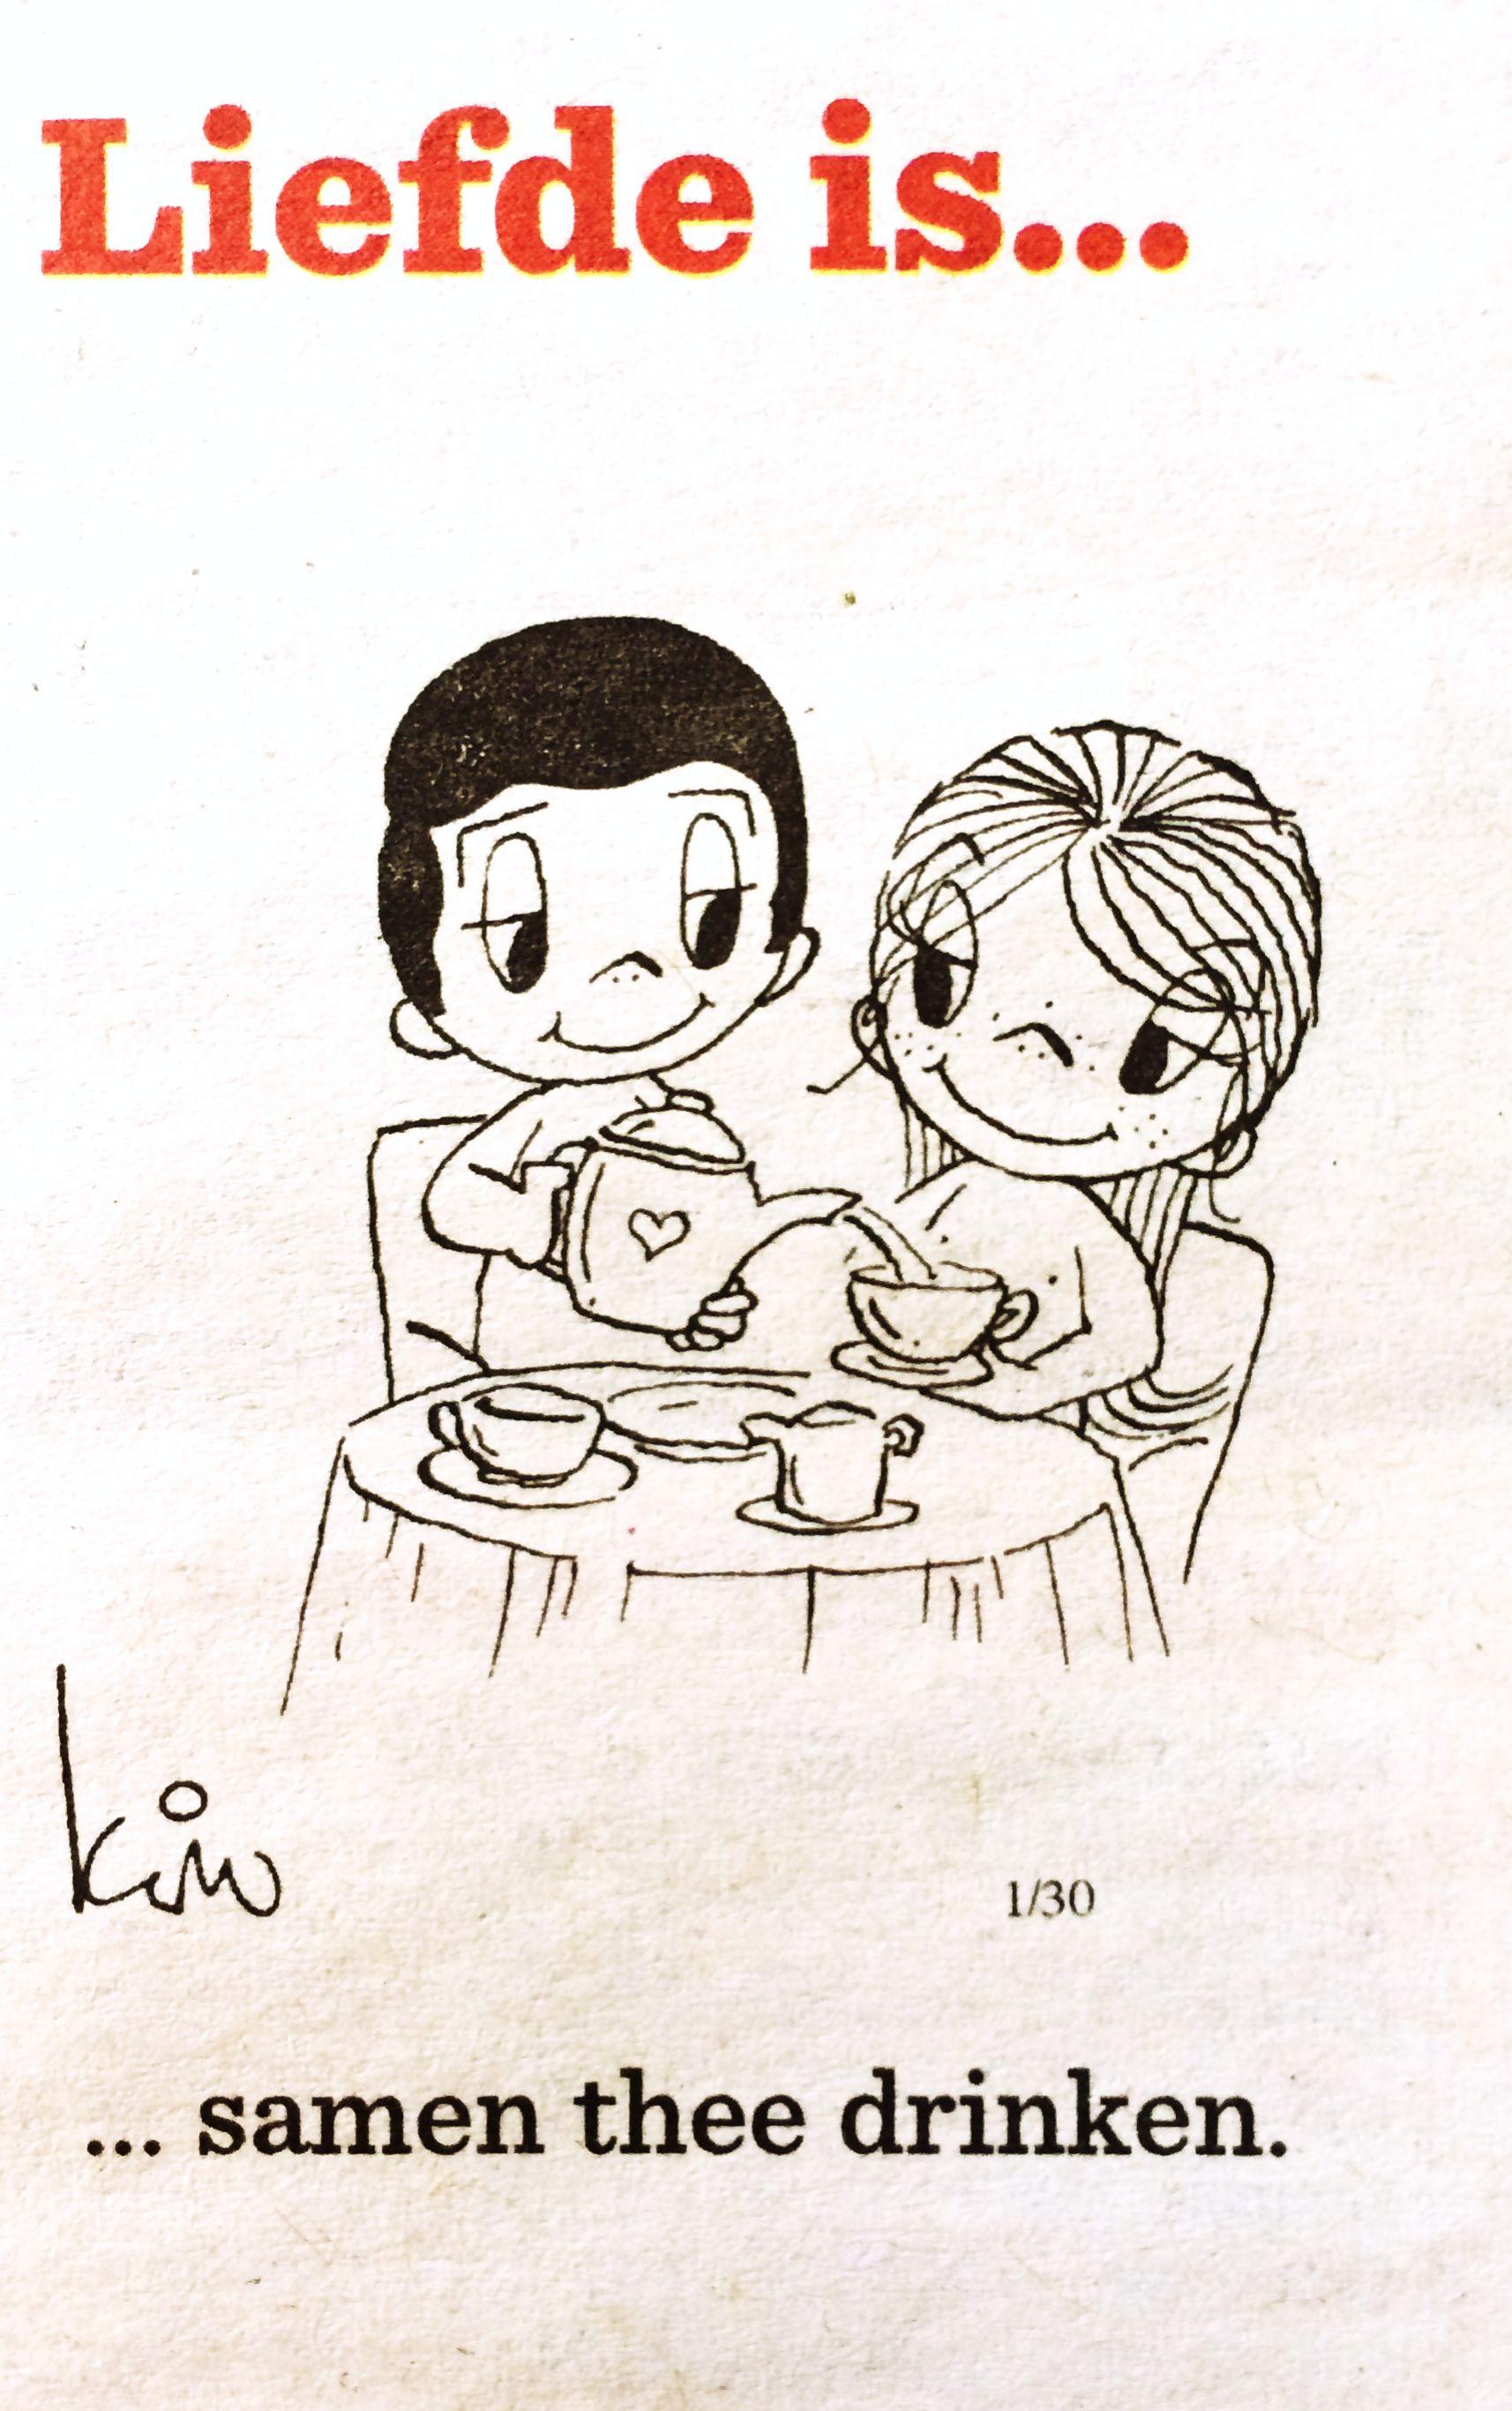 Citaten Wijn : Liefde is… samen thee drinken is pinterest